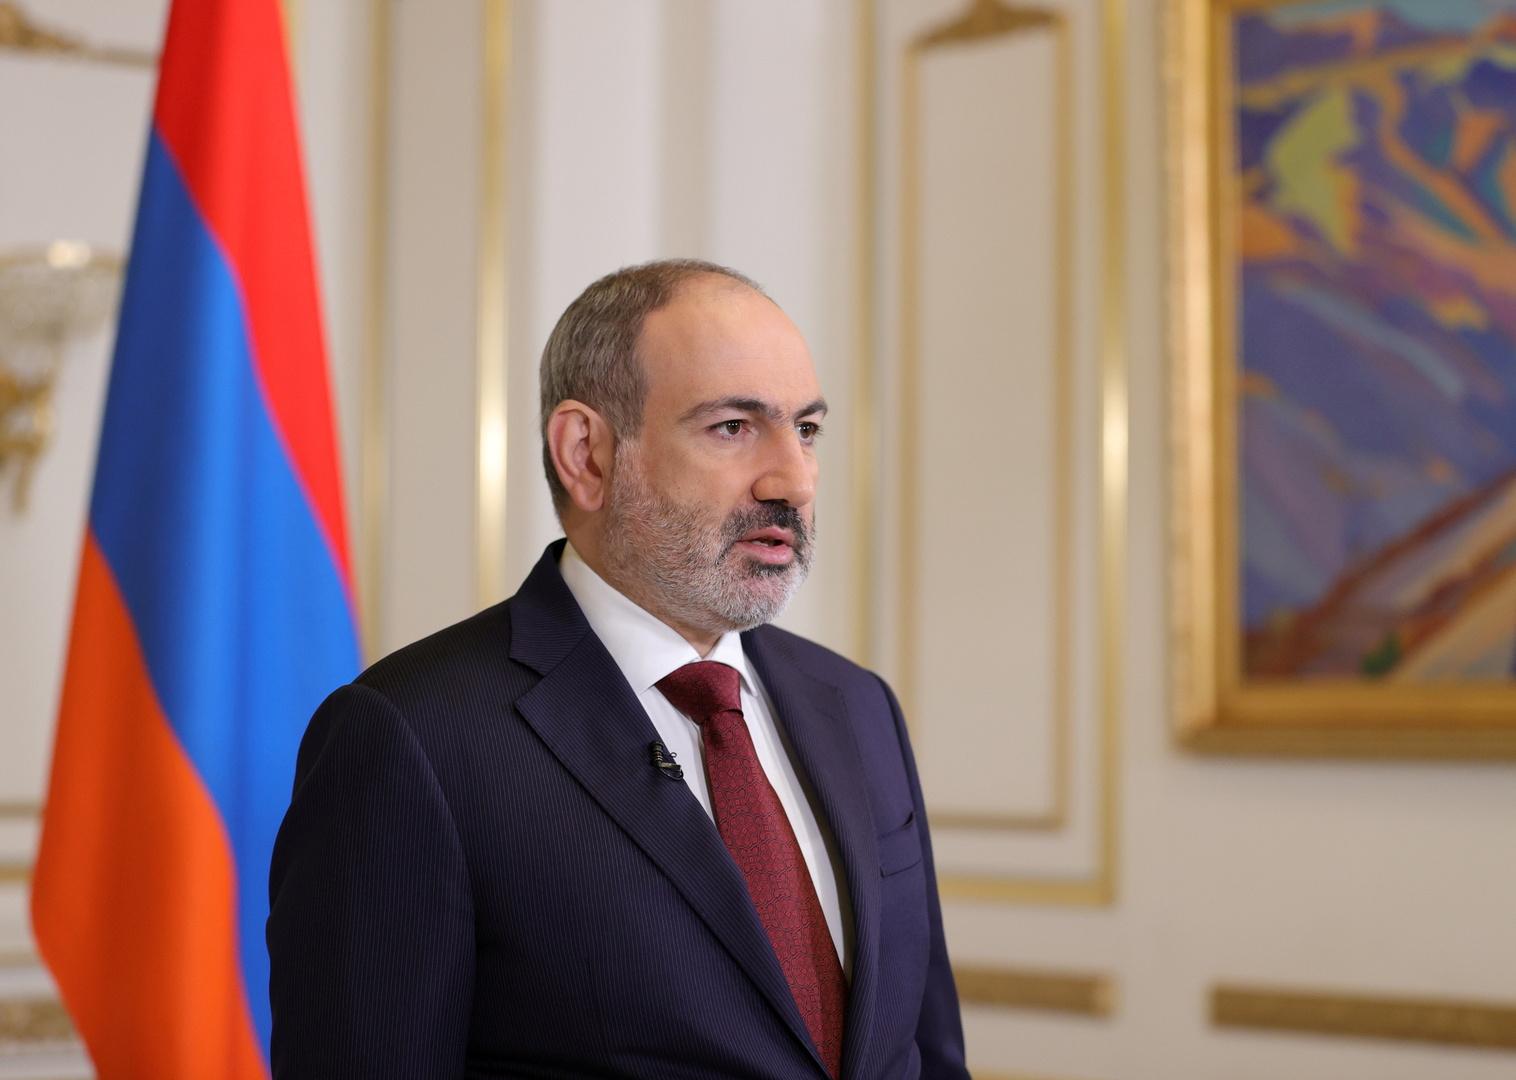 يريفان: واشنطن أكدت عزمها مطالبة أذربيجان بسحب قواتها من أراضي أرمينيا